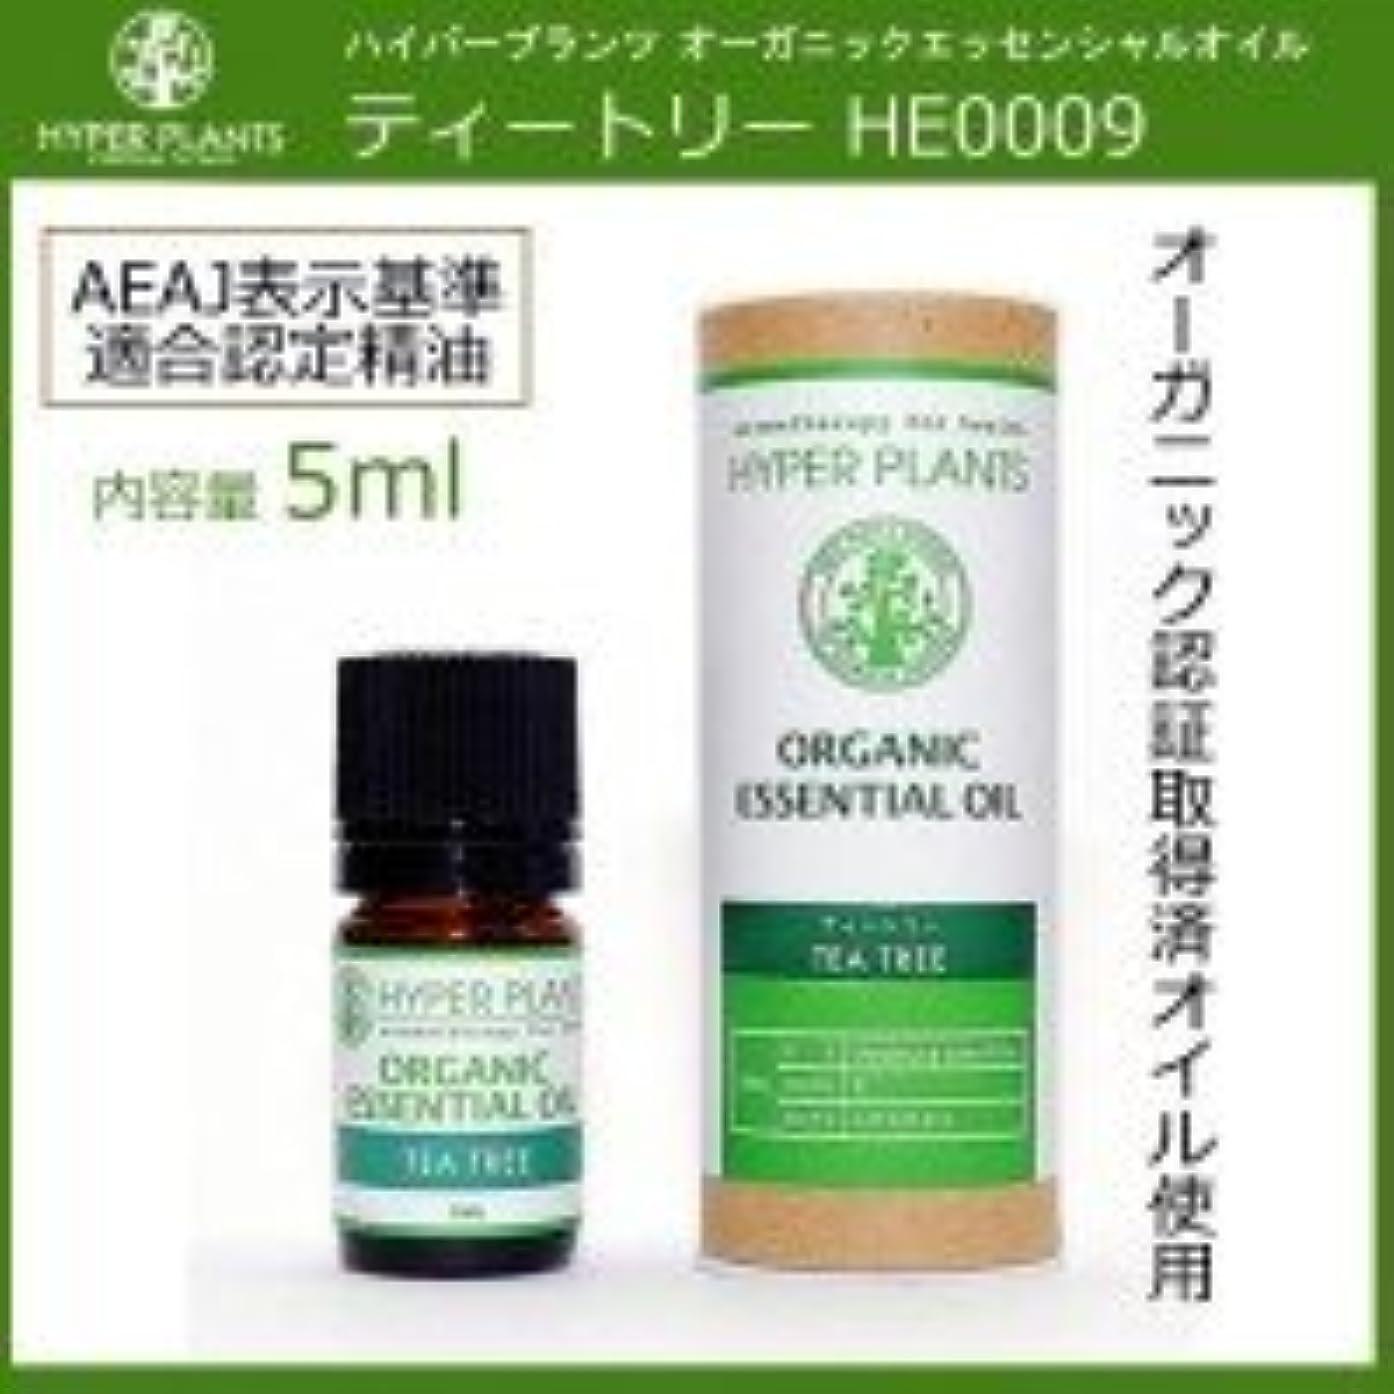 海外で青セメントHYPER PLANTS ハイパープランツ オーガニックエッセンシャルオイル ティートリー 5ml HE0009